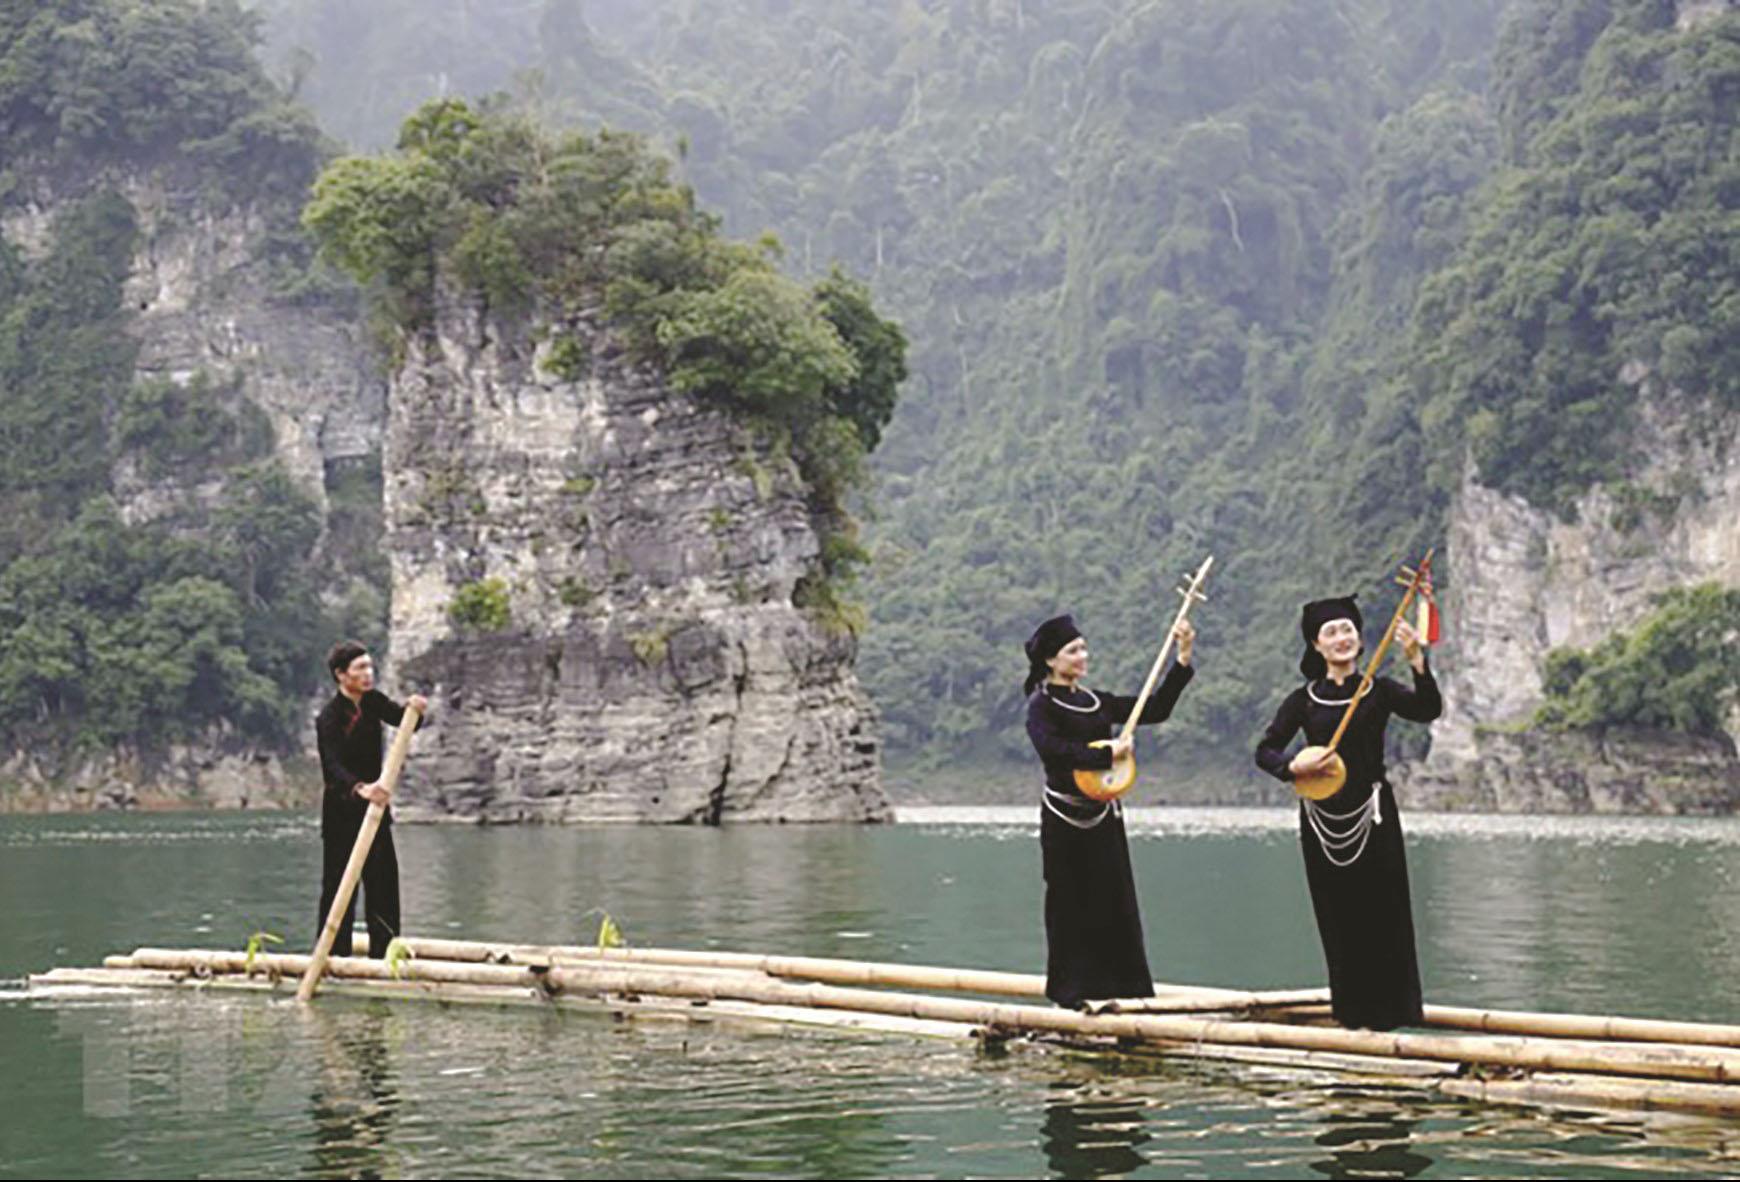 Tuyên Quang đang ngày càng phát triển, gắn kinh tế với bảo tồn bản sắc dân tộc. (Trong ảnh: Trên hồ Thủy điện Lâm Bình)